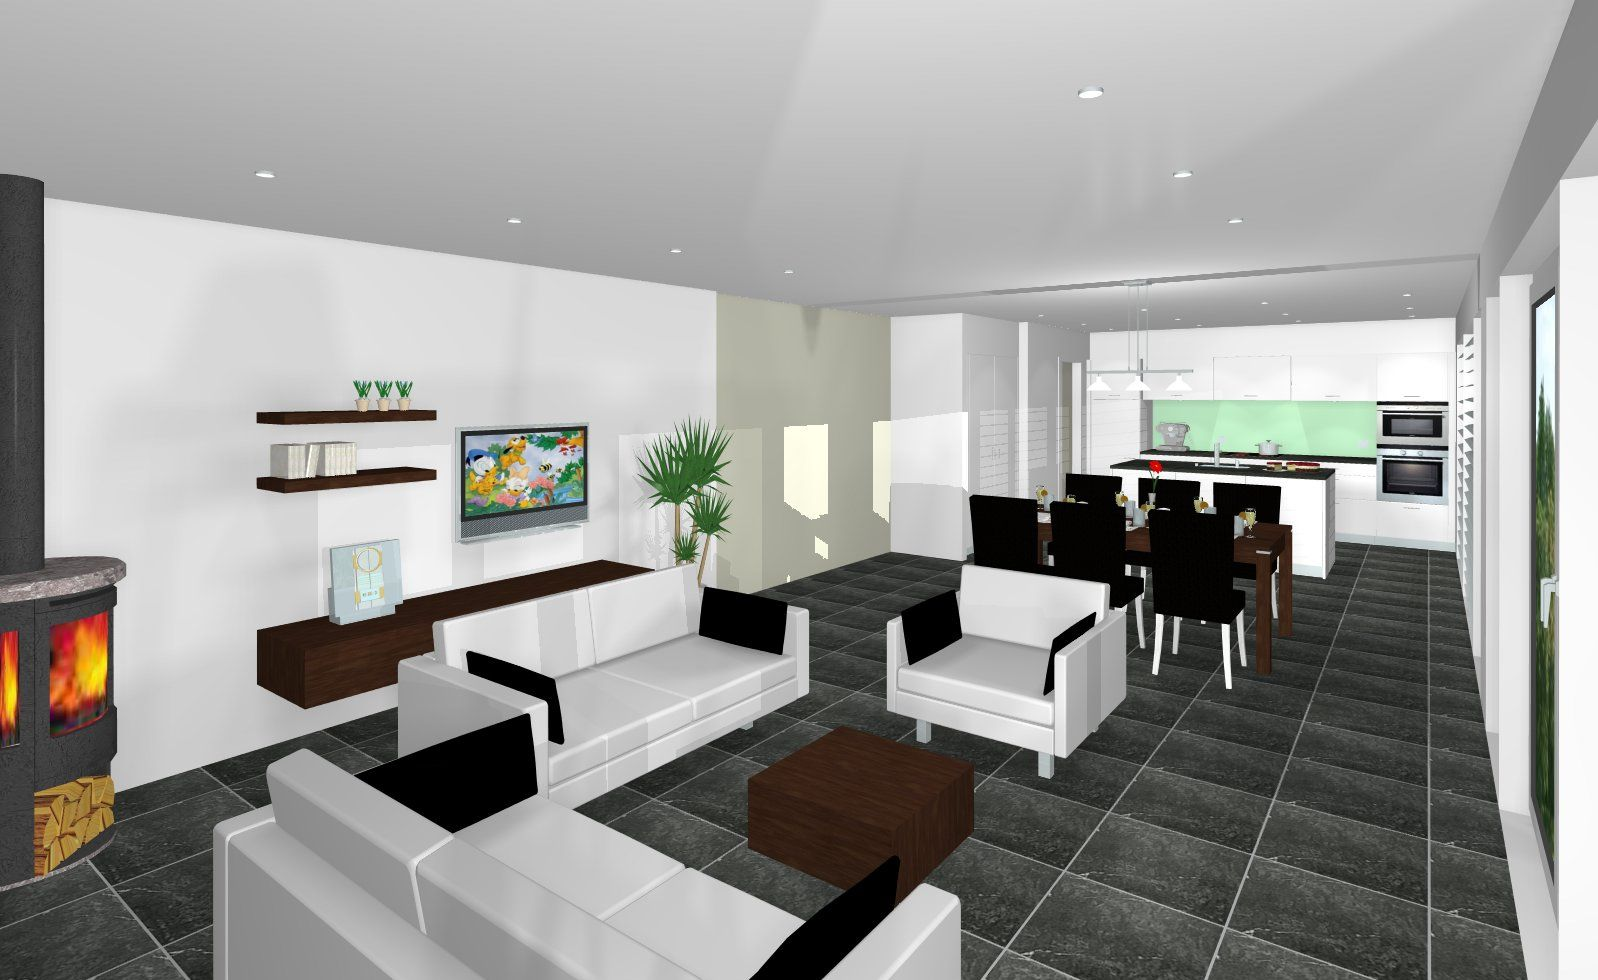 9 Trend Bild Von Design Fur Wohnzimmer Wohnung Einrichten Wohnzimmer Einrichten Wohnzimmer Wohnzimmer